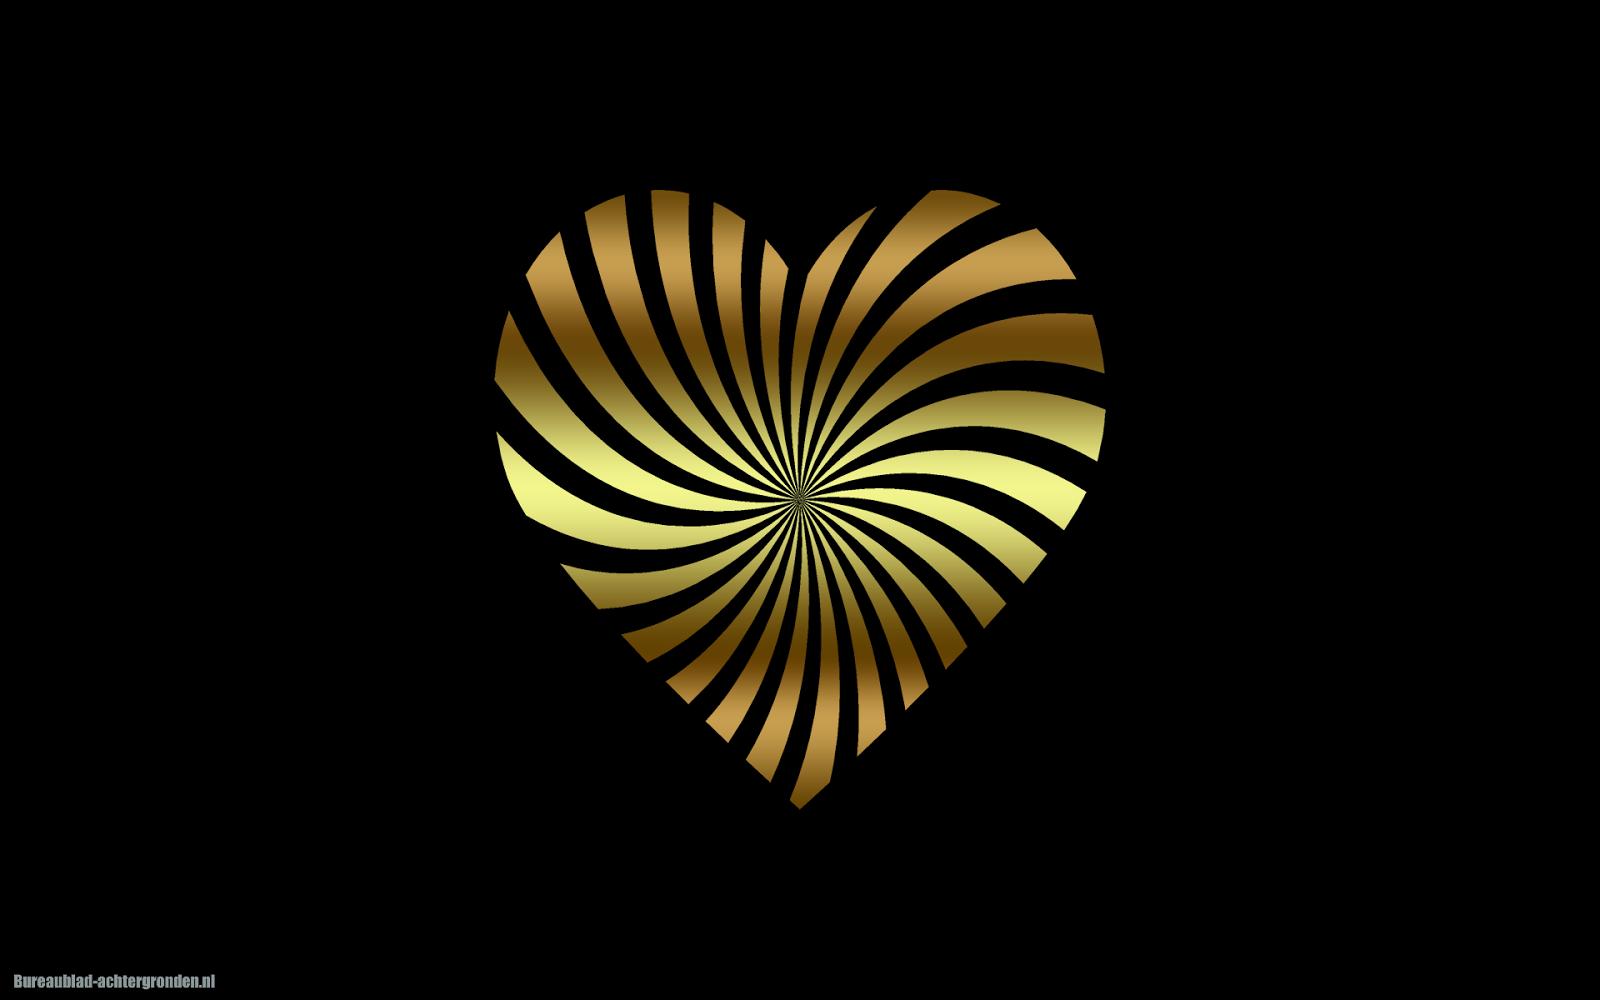 Wallpaper 3d Facebook Zwarte Achtergrond Met Gouden Liefdes Hartje Mooie Leuke